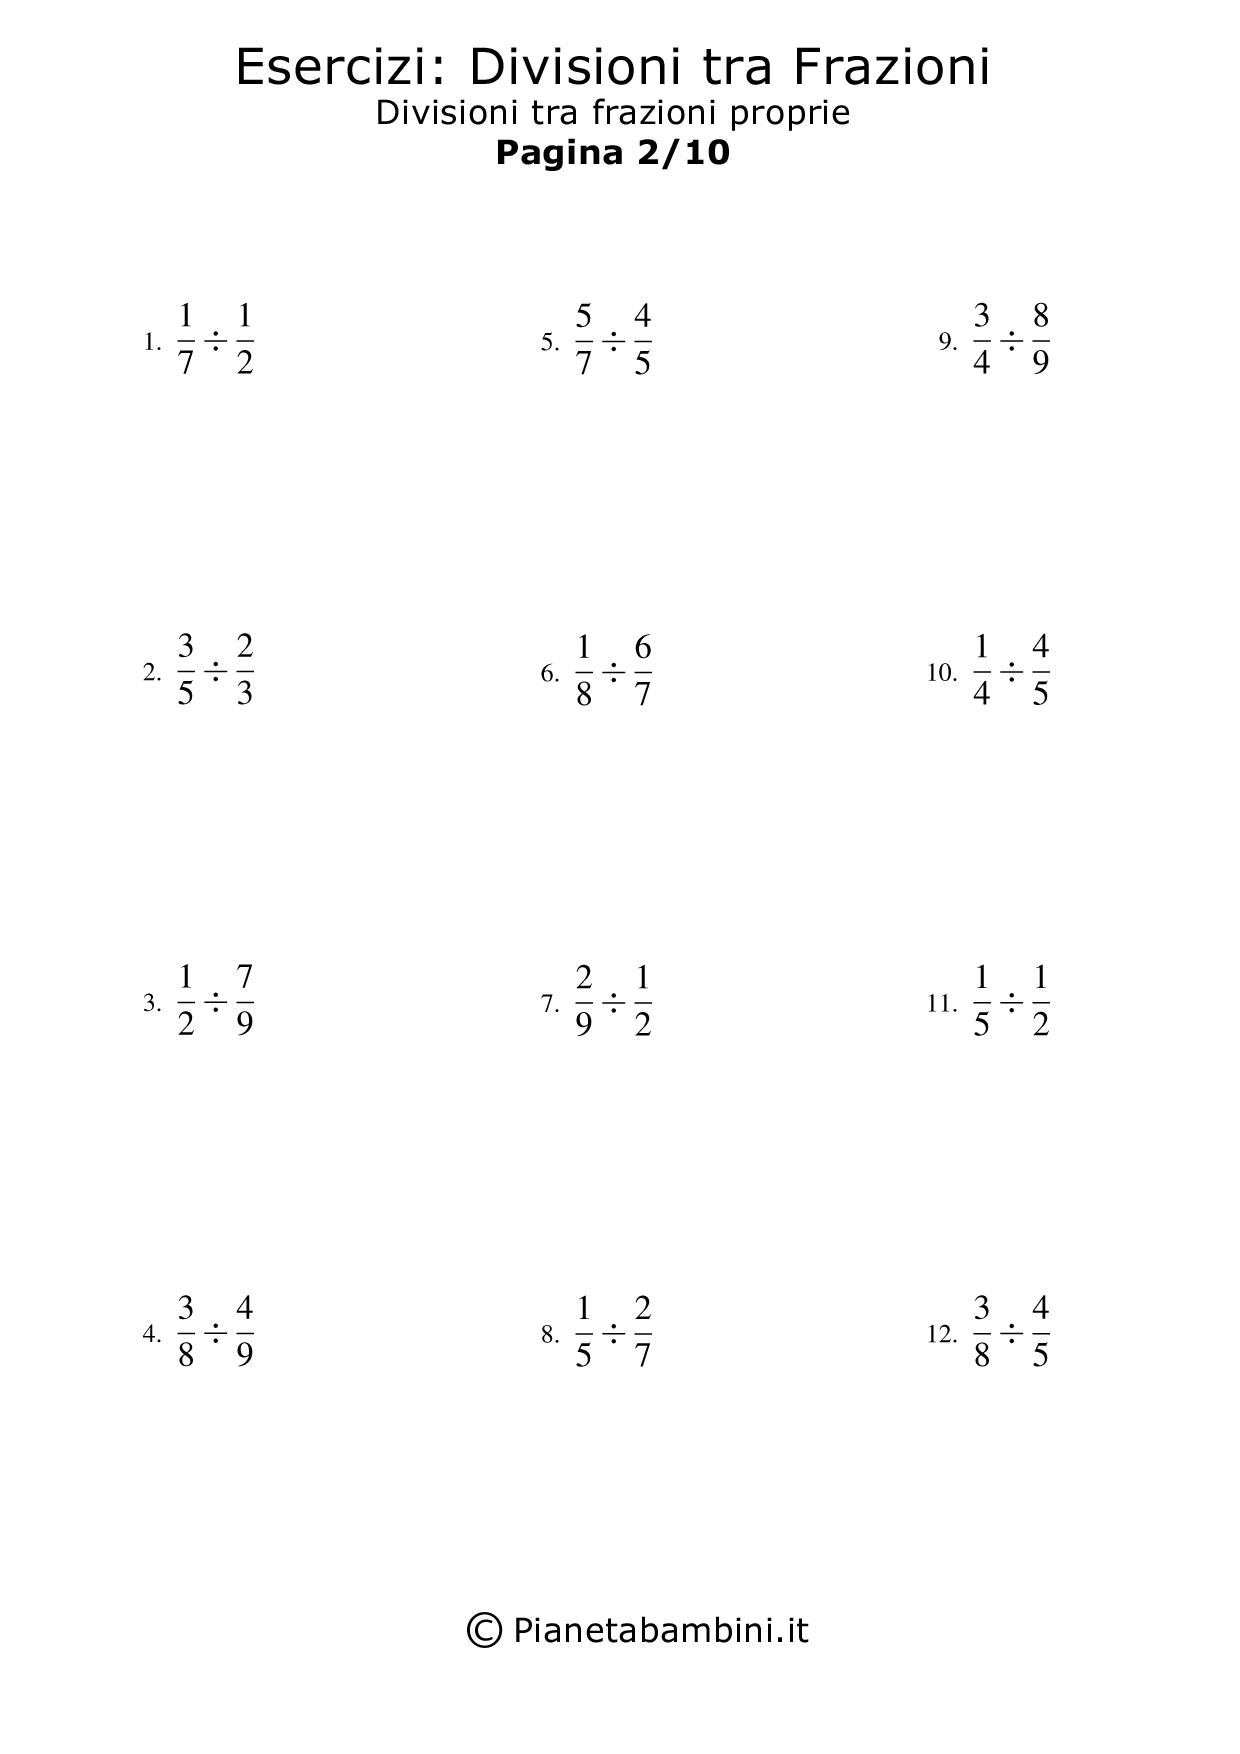 Esercizi-Divisioni-Frazioni-Proprie_02